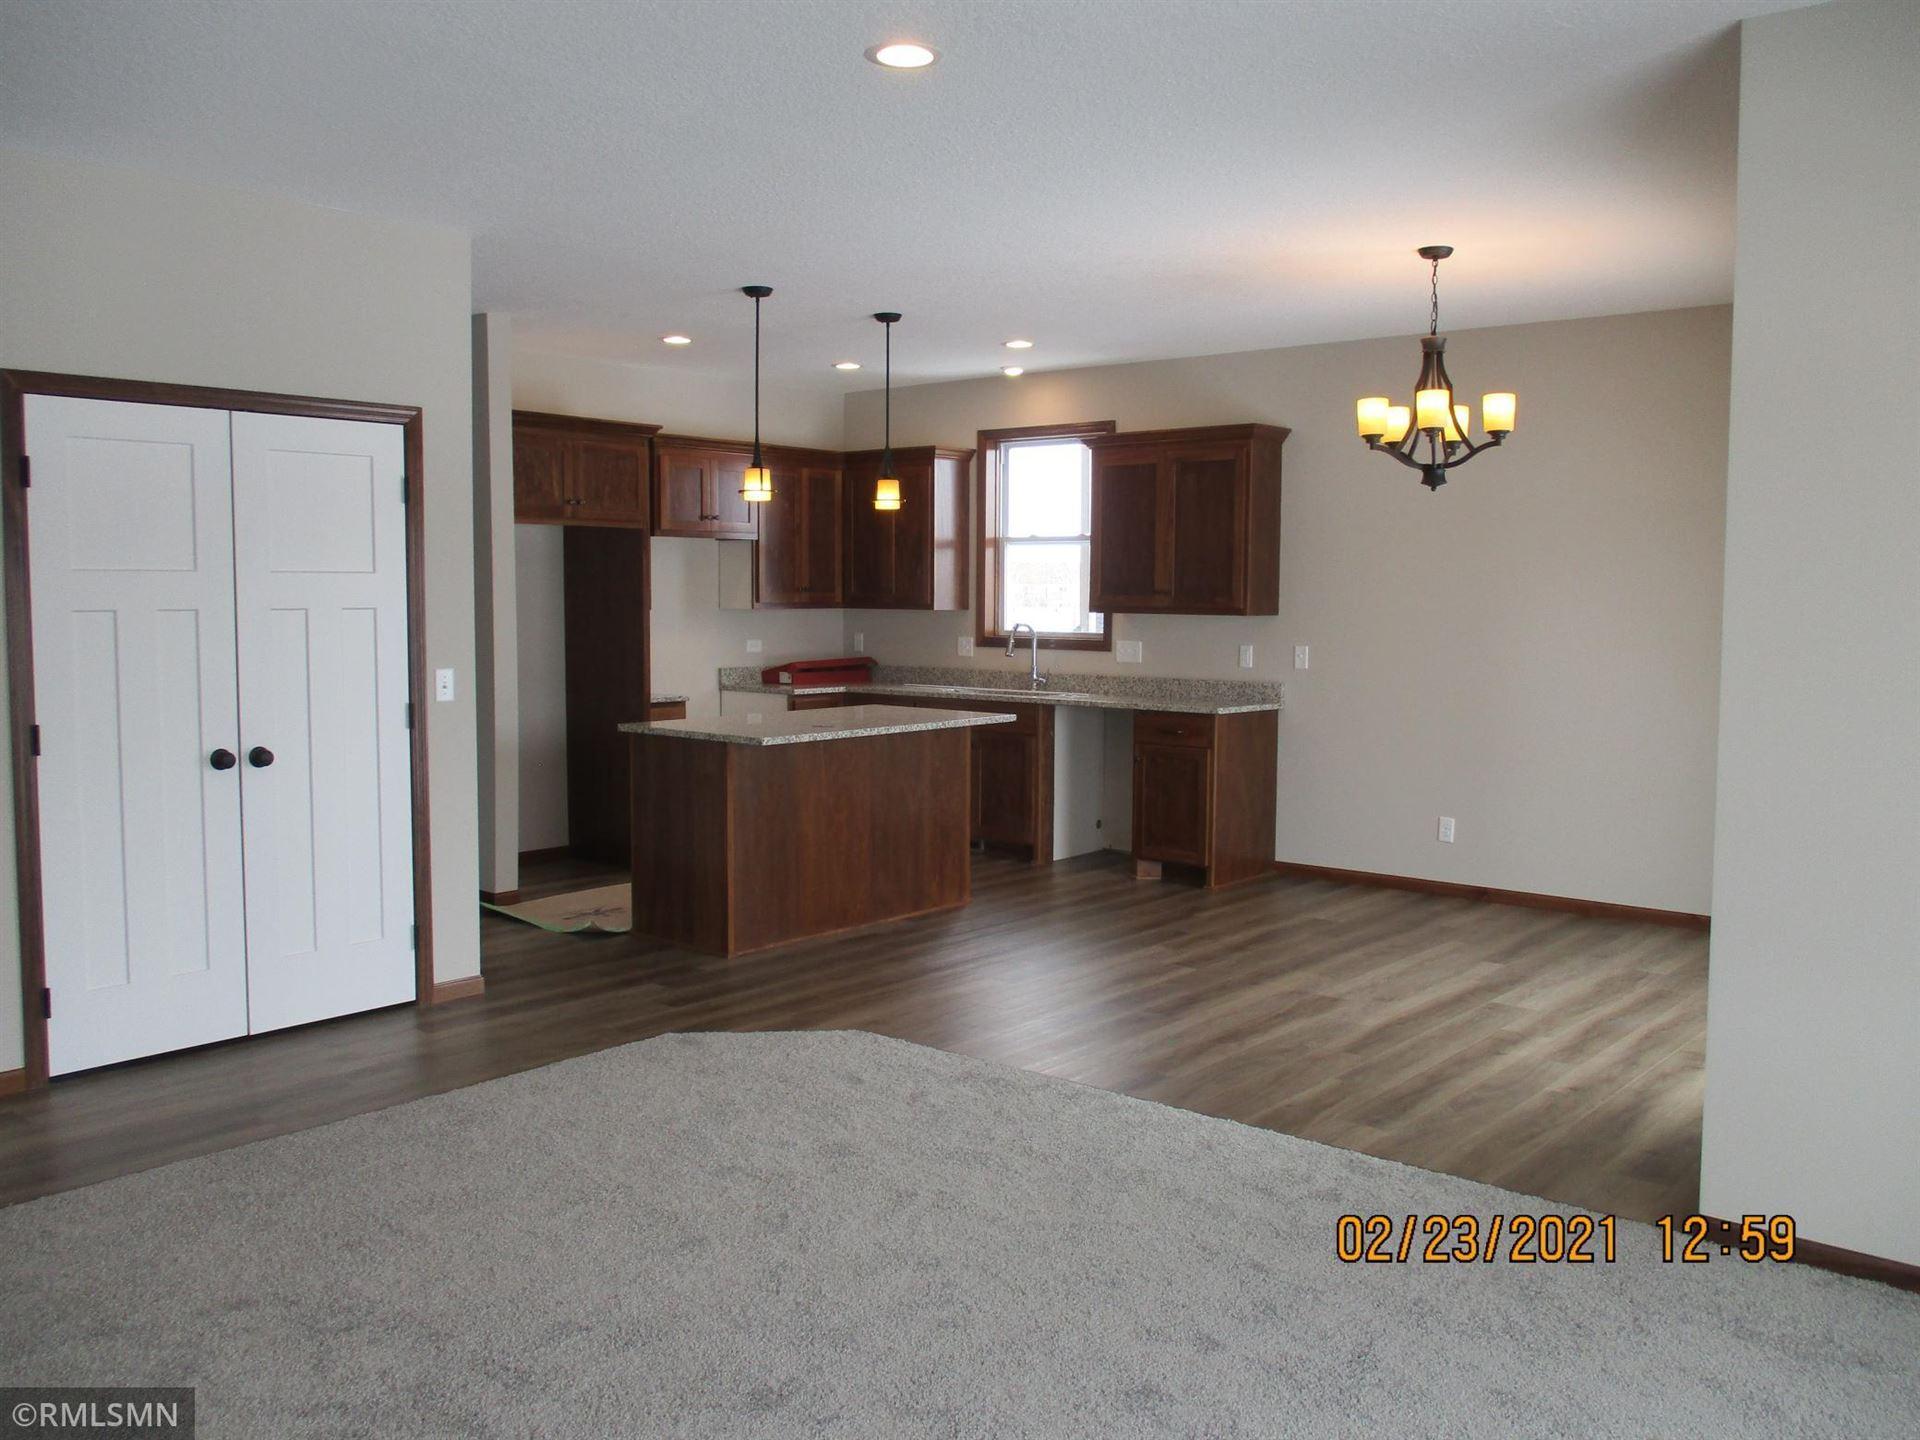 1025 45th Ave. N. E., Saint Cloud, MN 56304 - MLS#: 6008885